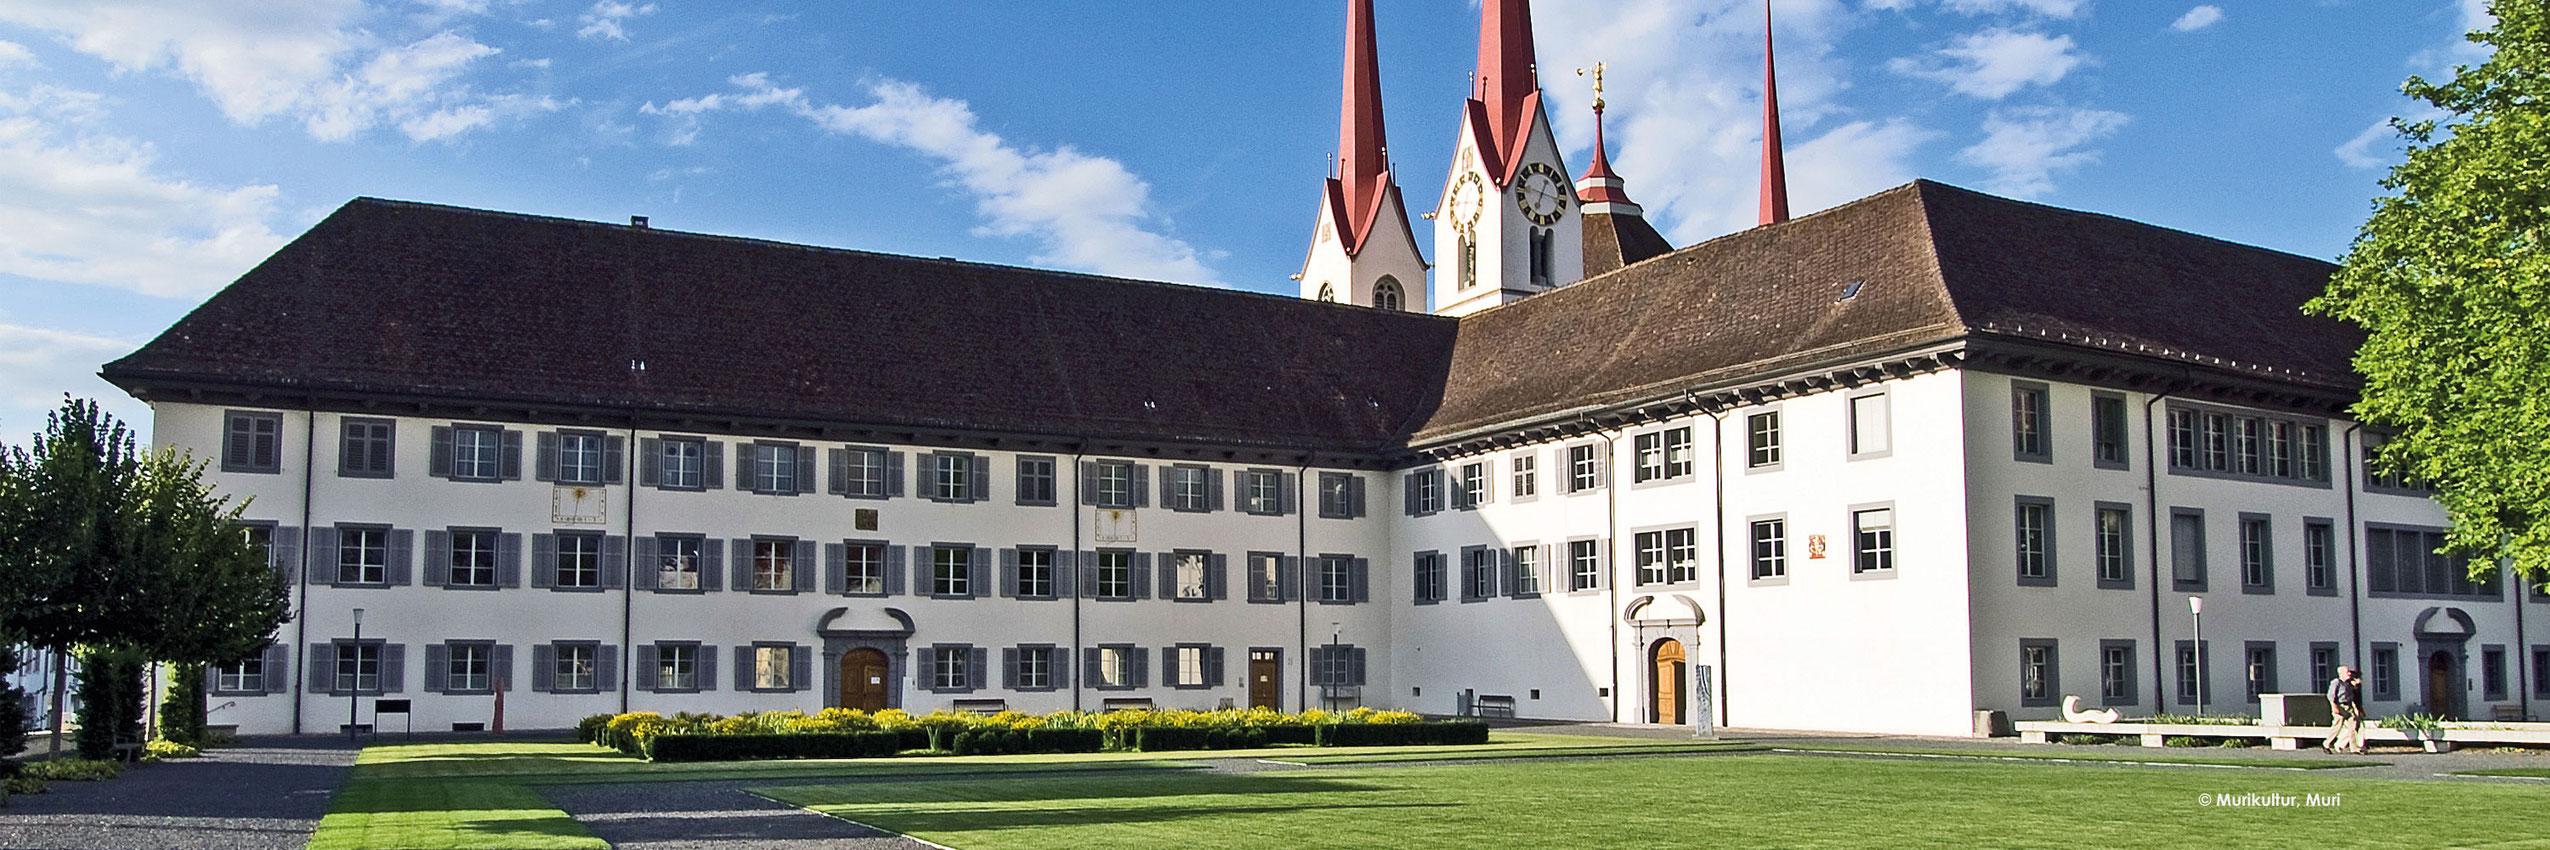 Ausflugsziel Kloster Muri